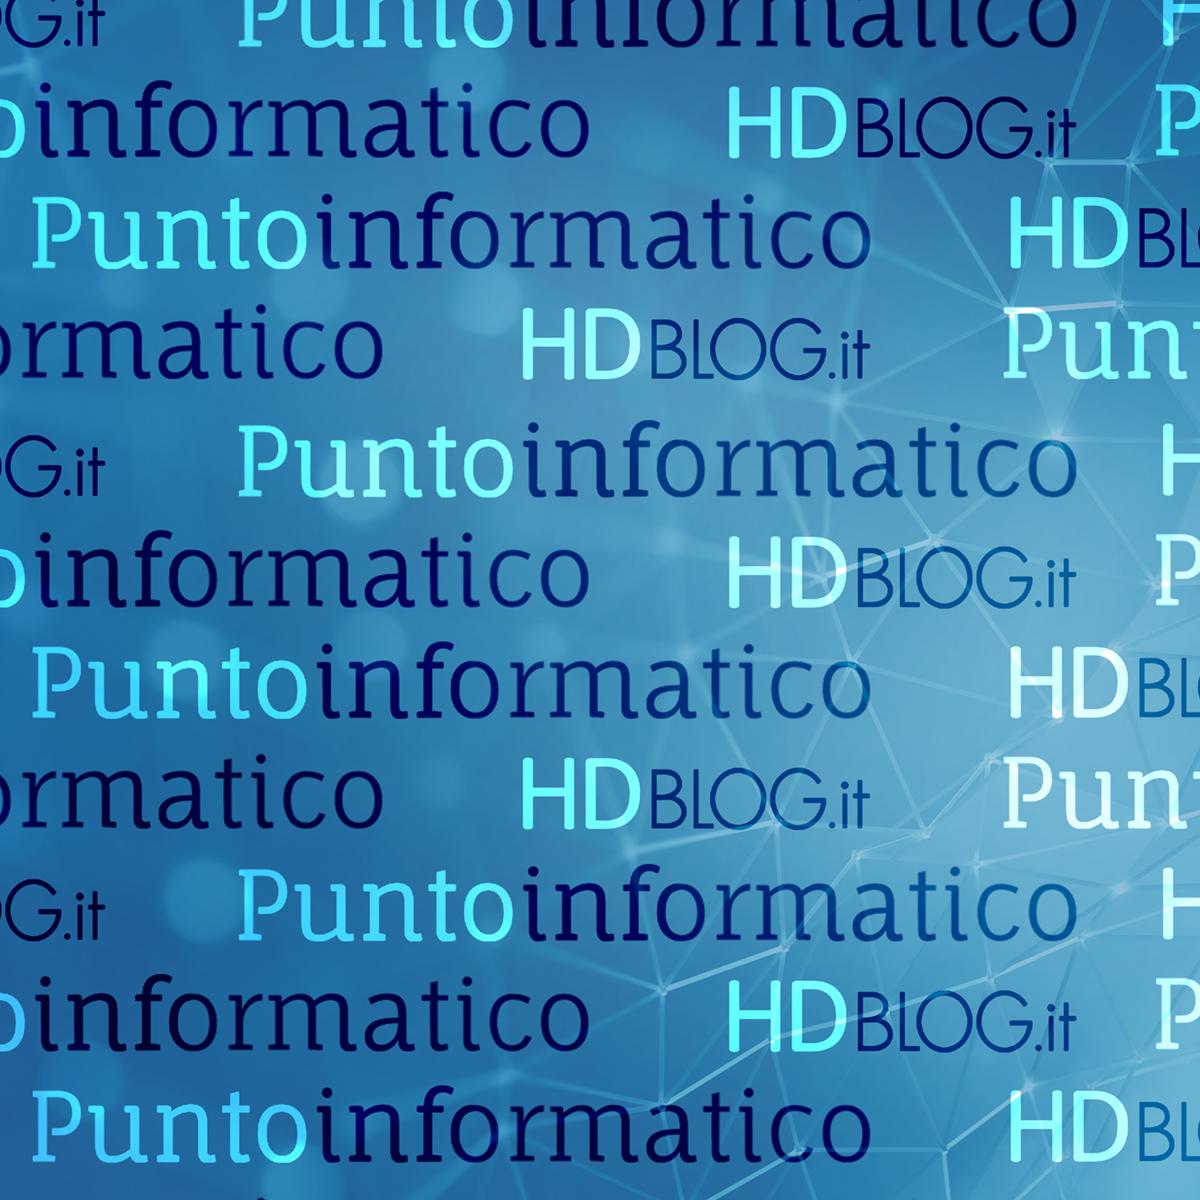 HDblog.it e Punto Informatico parlano di noi